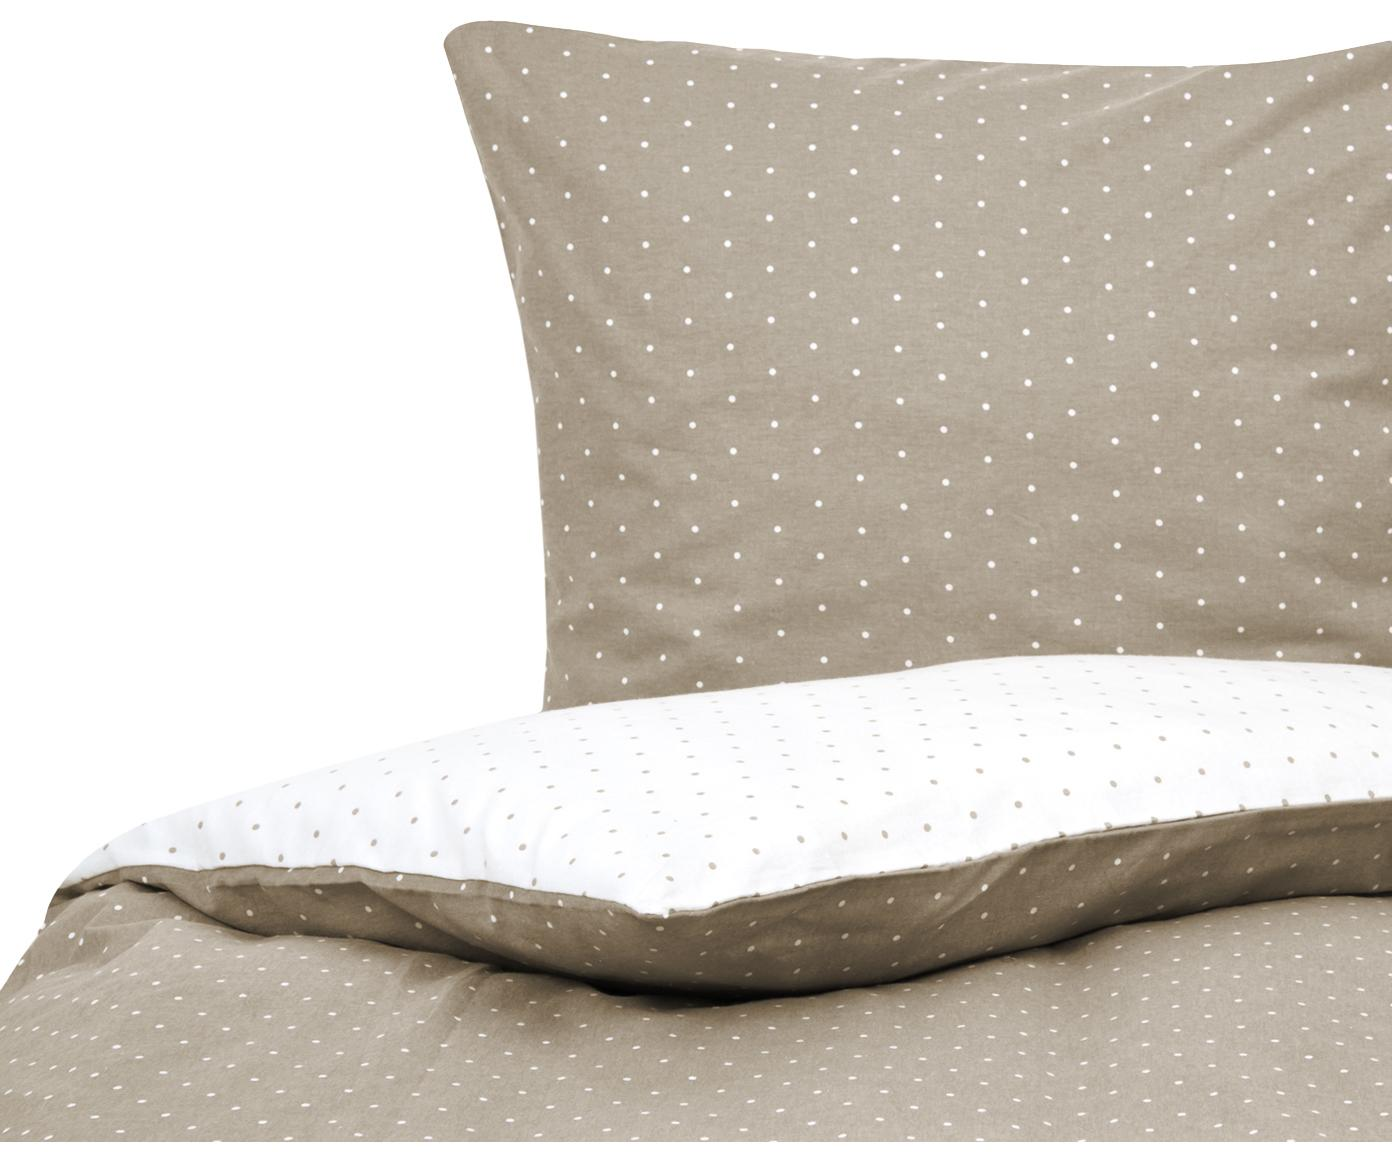 Flanell-Wendebettwäsche Betty, gepunktet, Webart: Flanell Flanell ist ein s, Beige, Weiß, 155 x 220 cm + 1 Kissen 80 x 80 cm